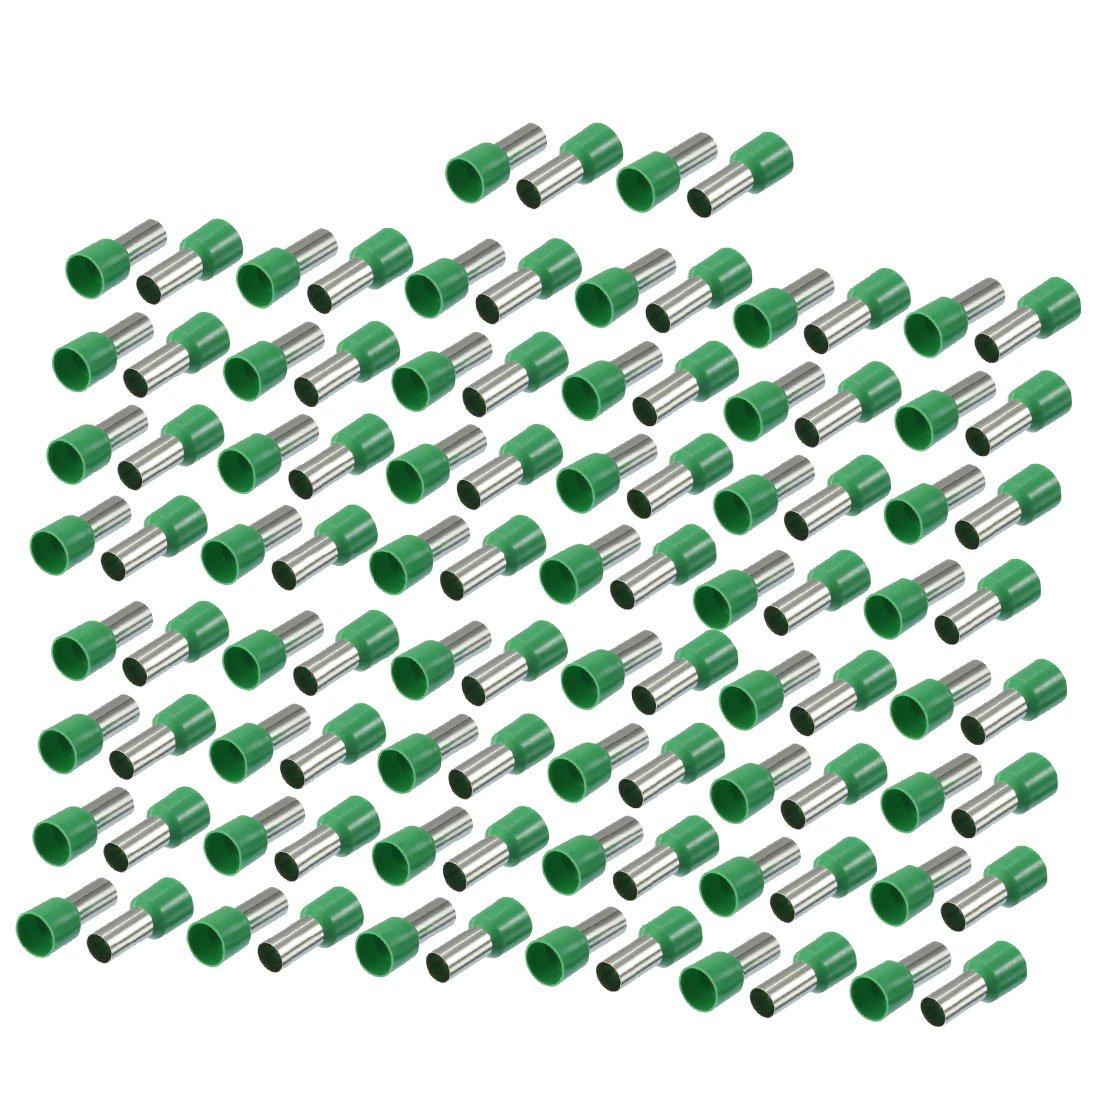 sourcing map 100pcs 16mm2 Cordon sertir borne fil vert connecteur Embouts isolé s